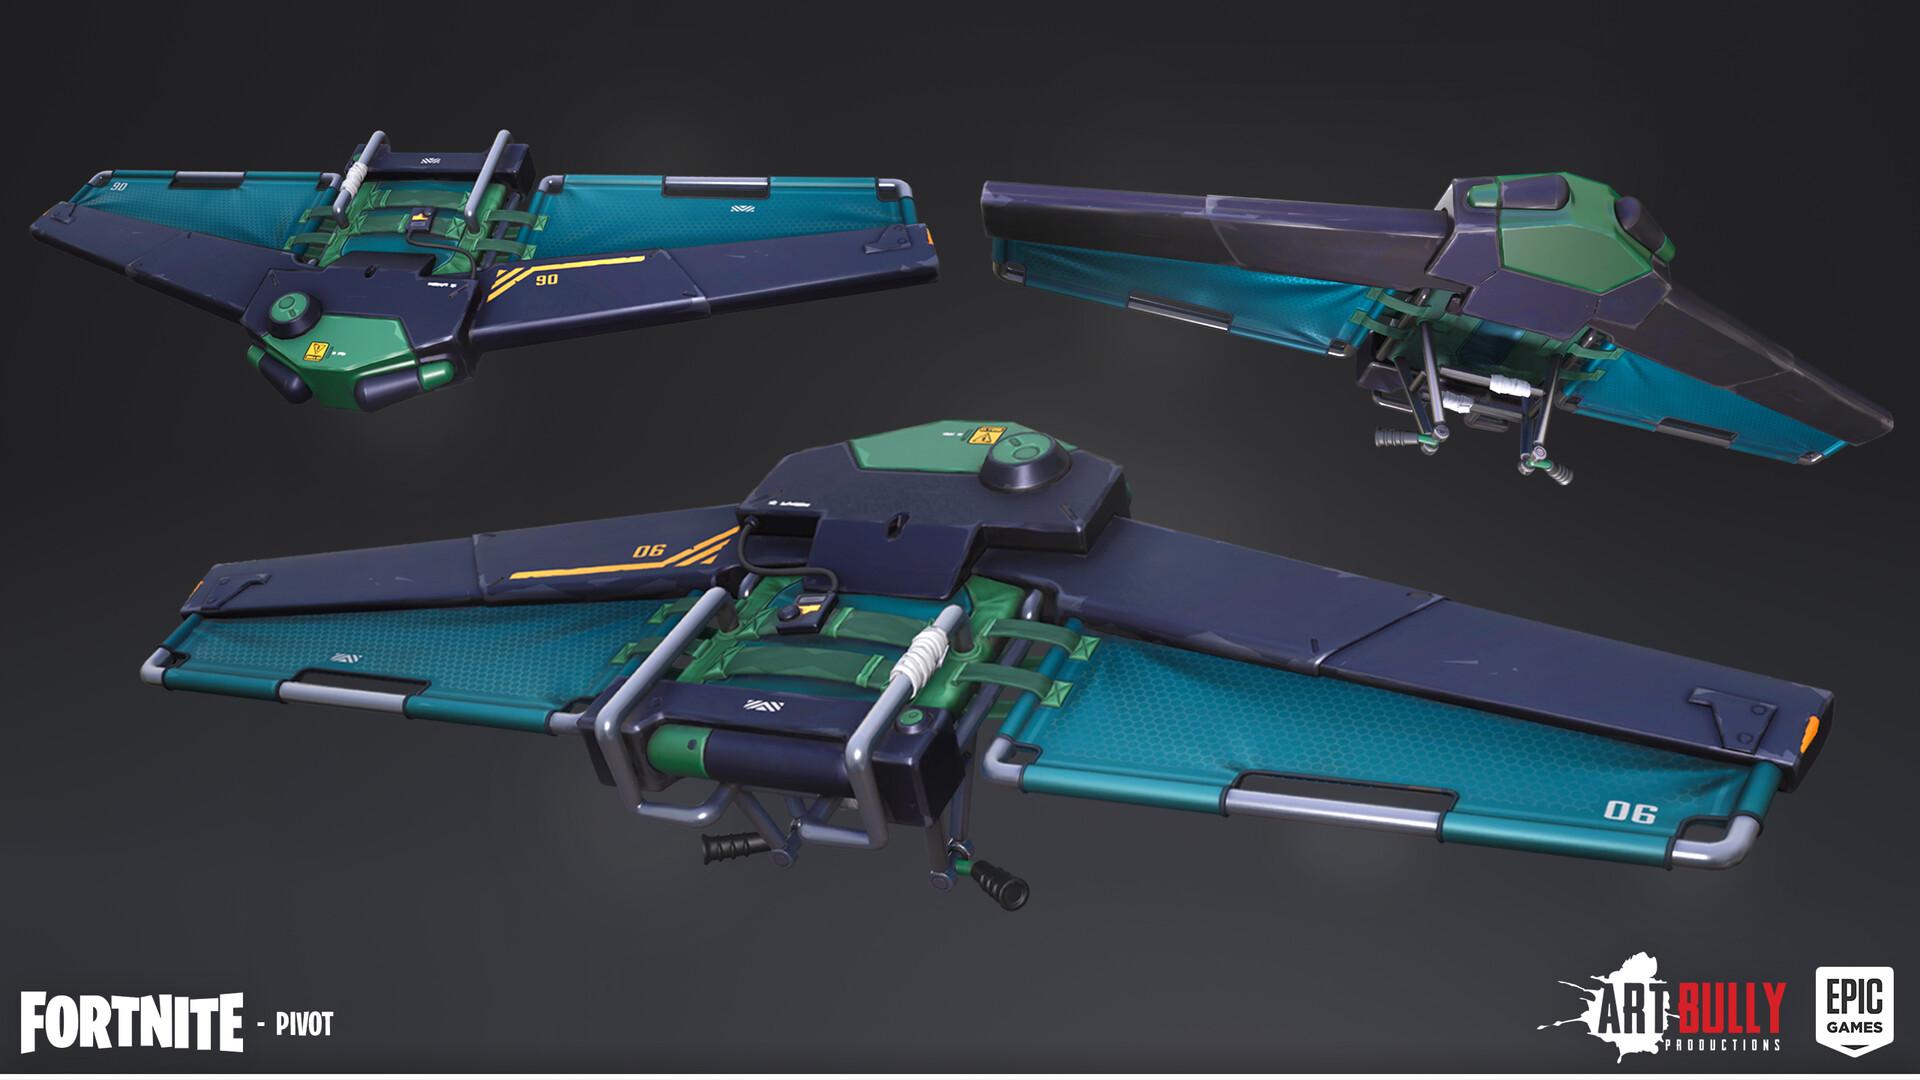 Patrick nuckels glider pivot render texture